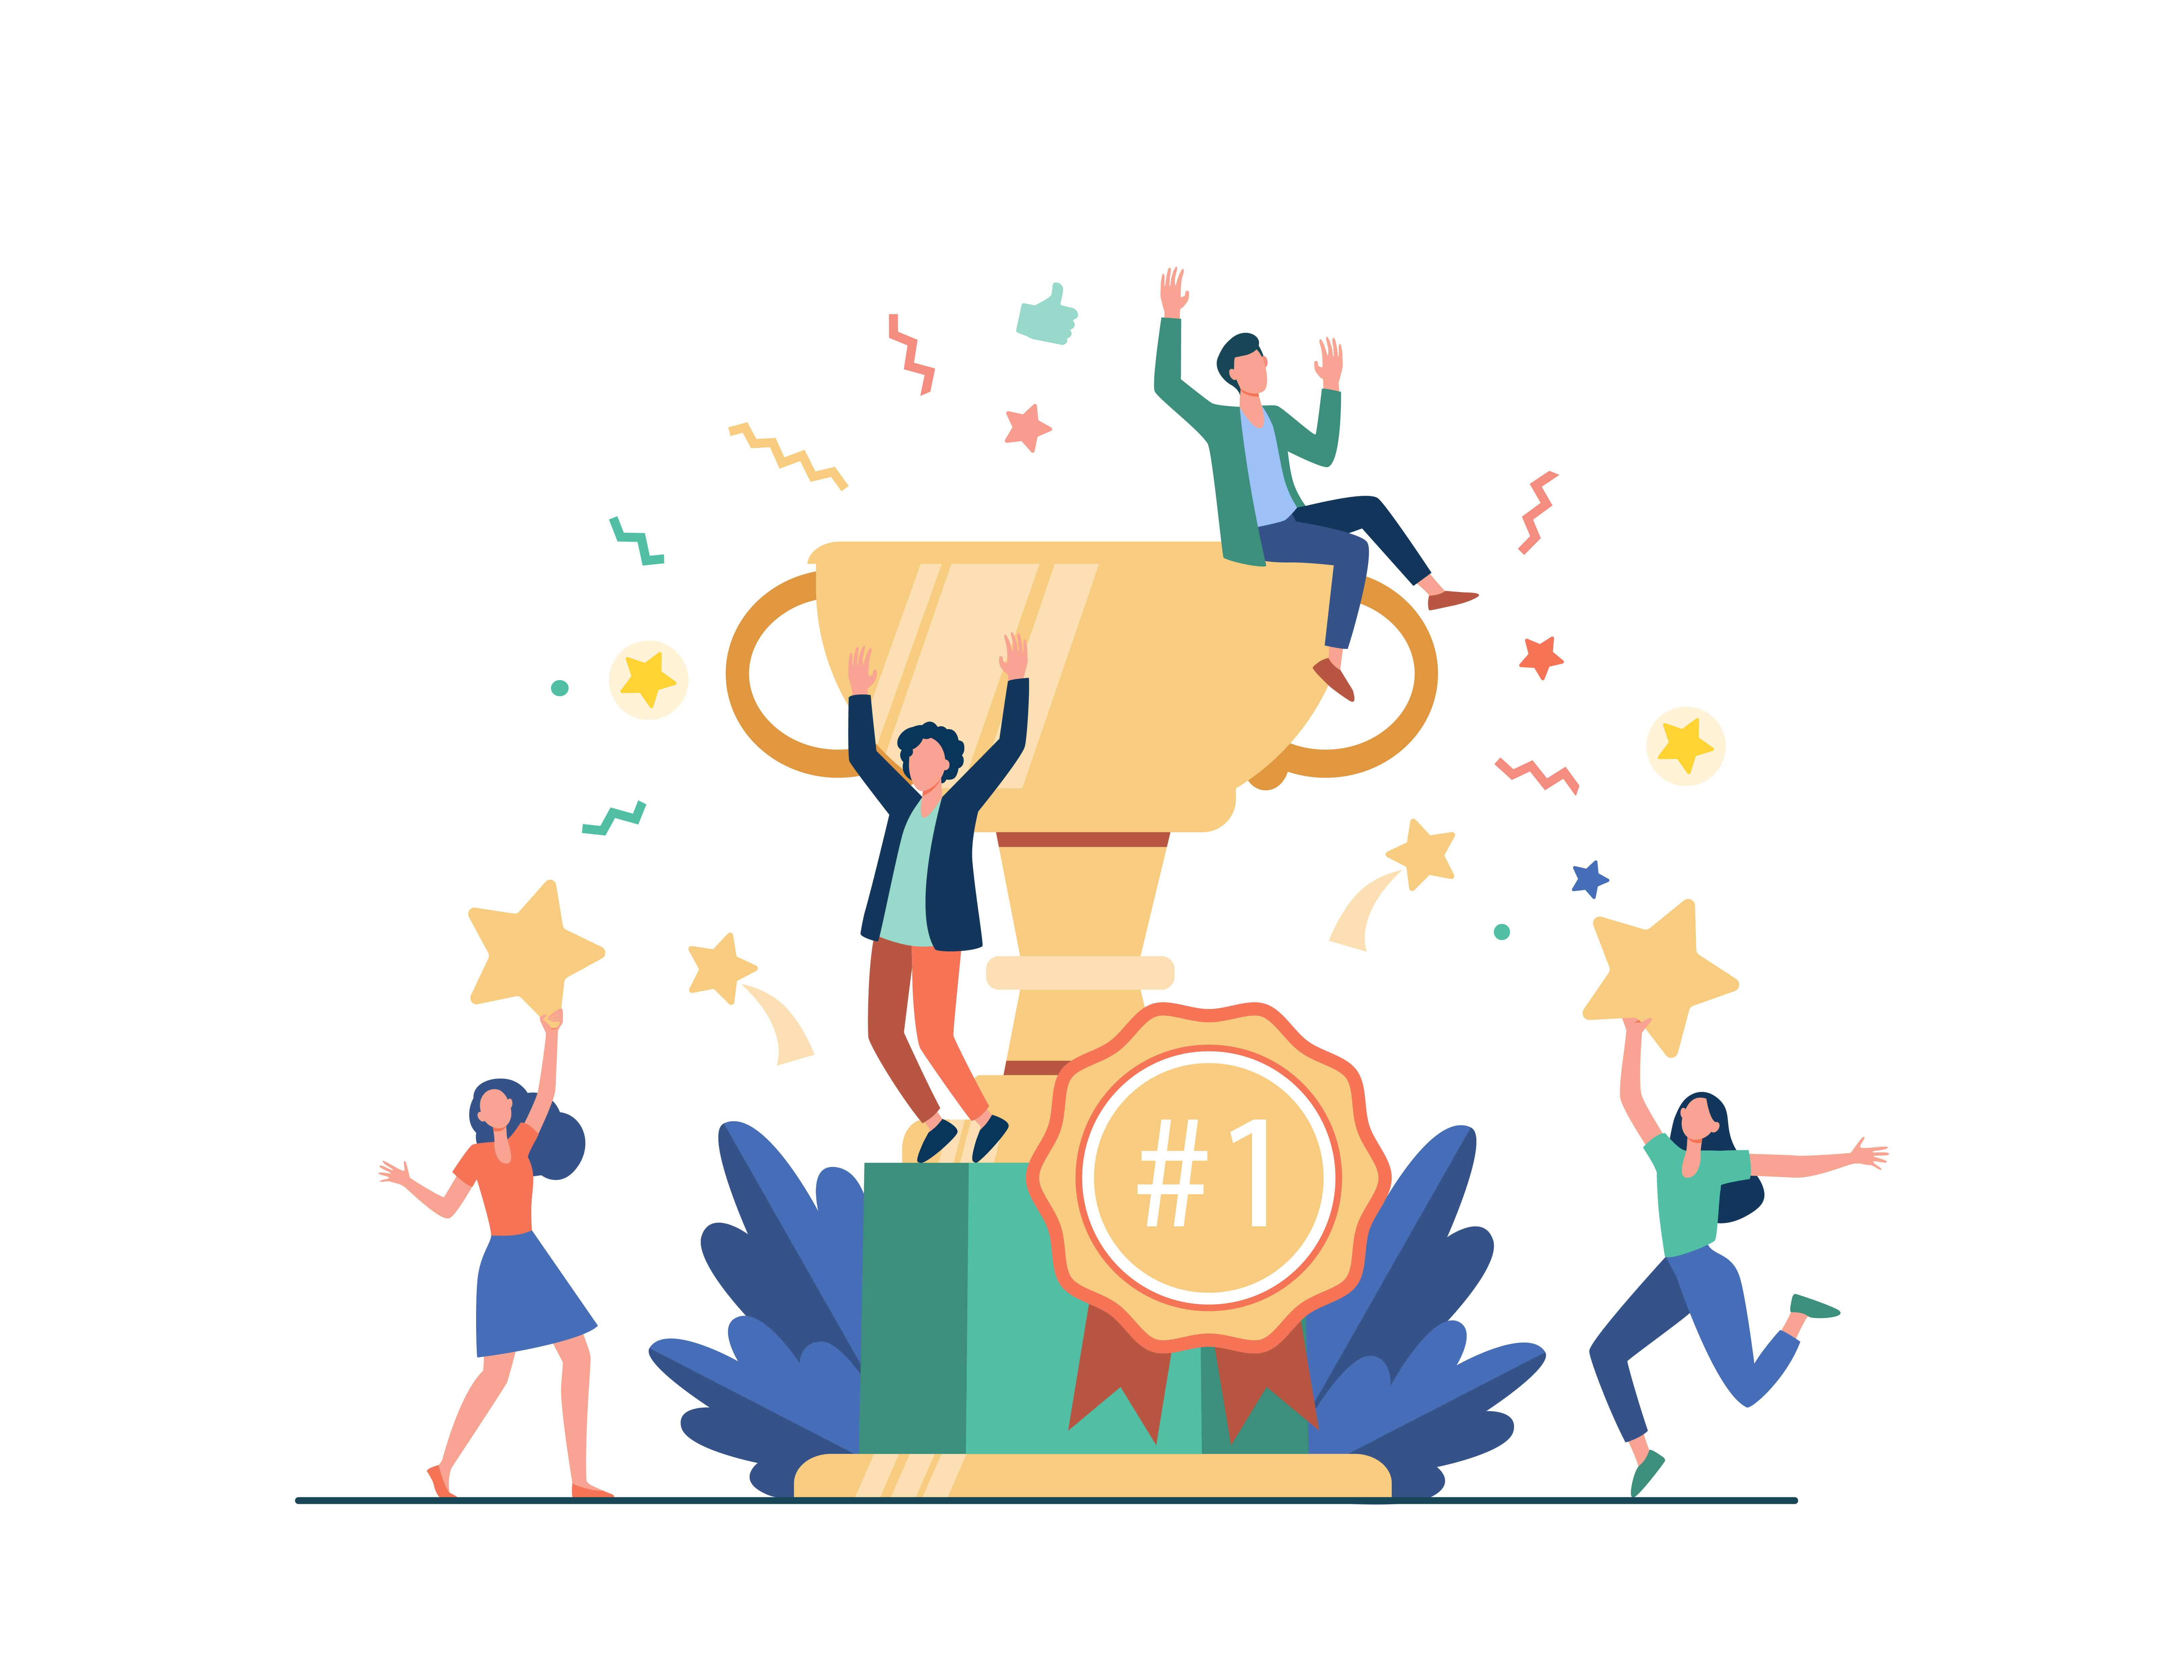 Melhores Sites de Questões de Concurso (Ranking 2021)